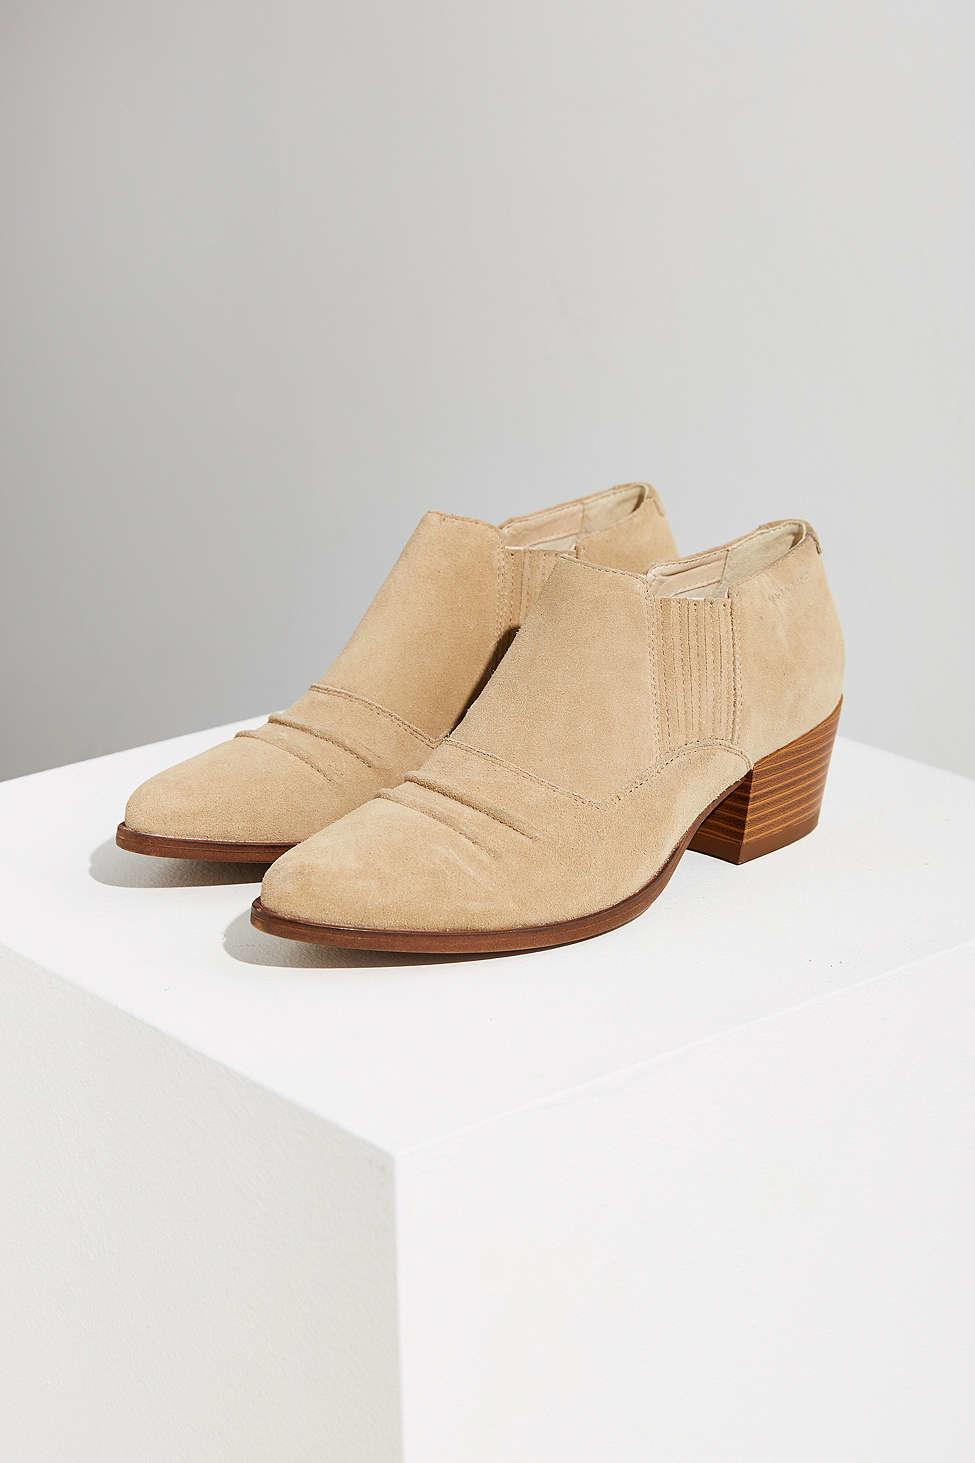 da32c0e5b35 Vagabond Natural Mandy Western Ankle Boot